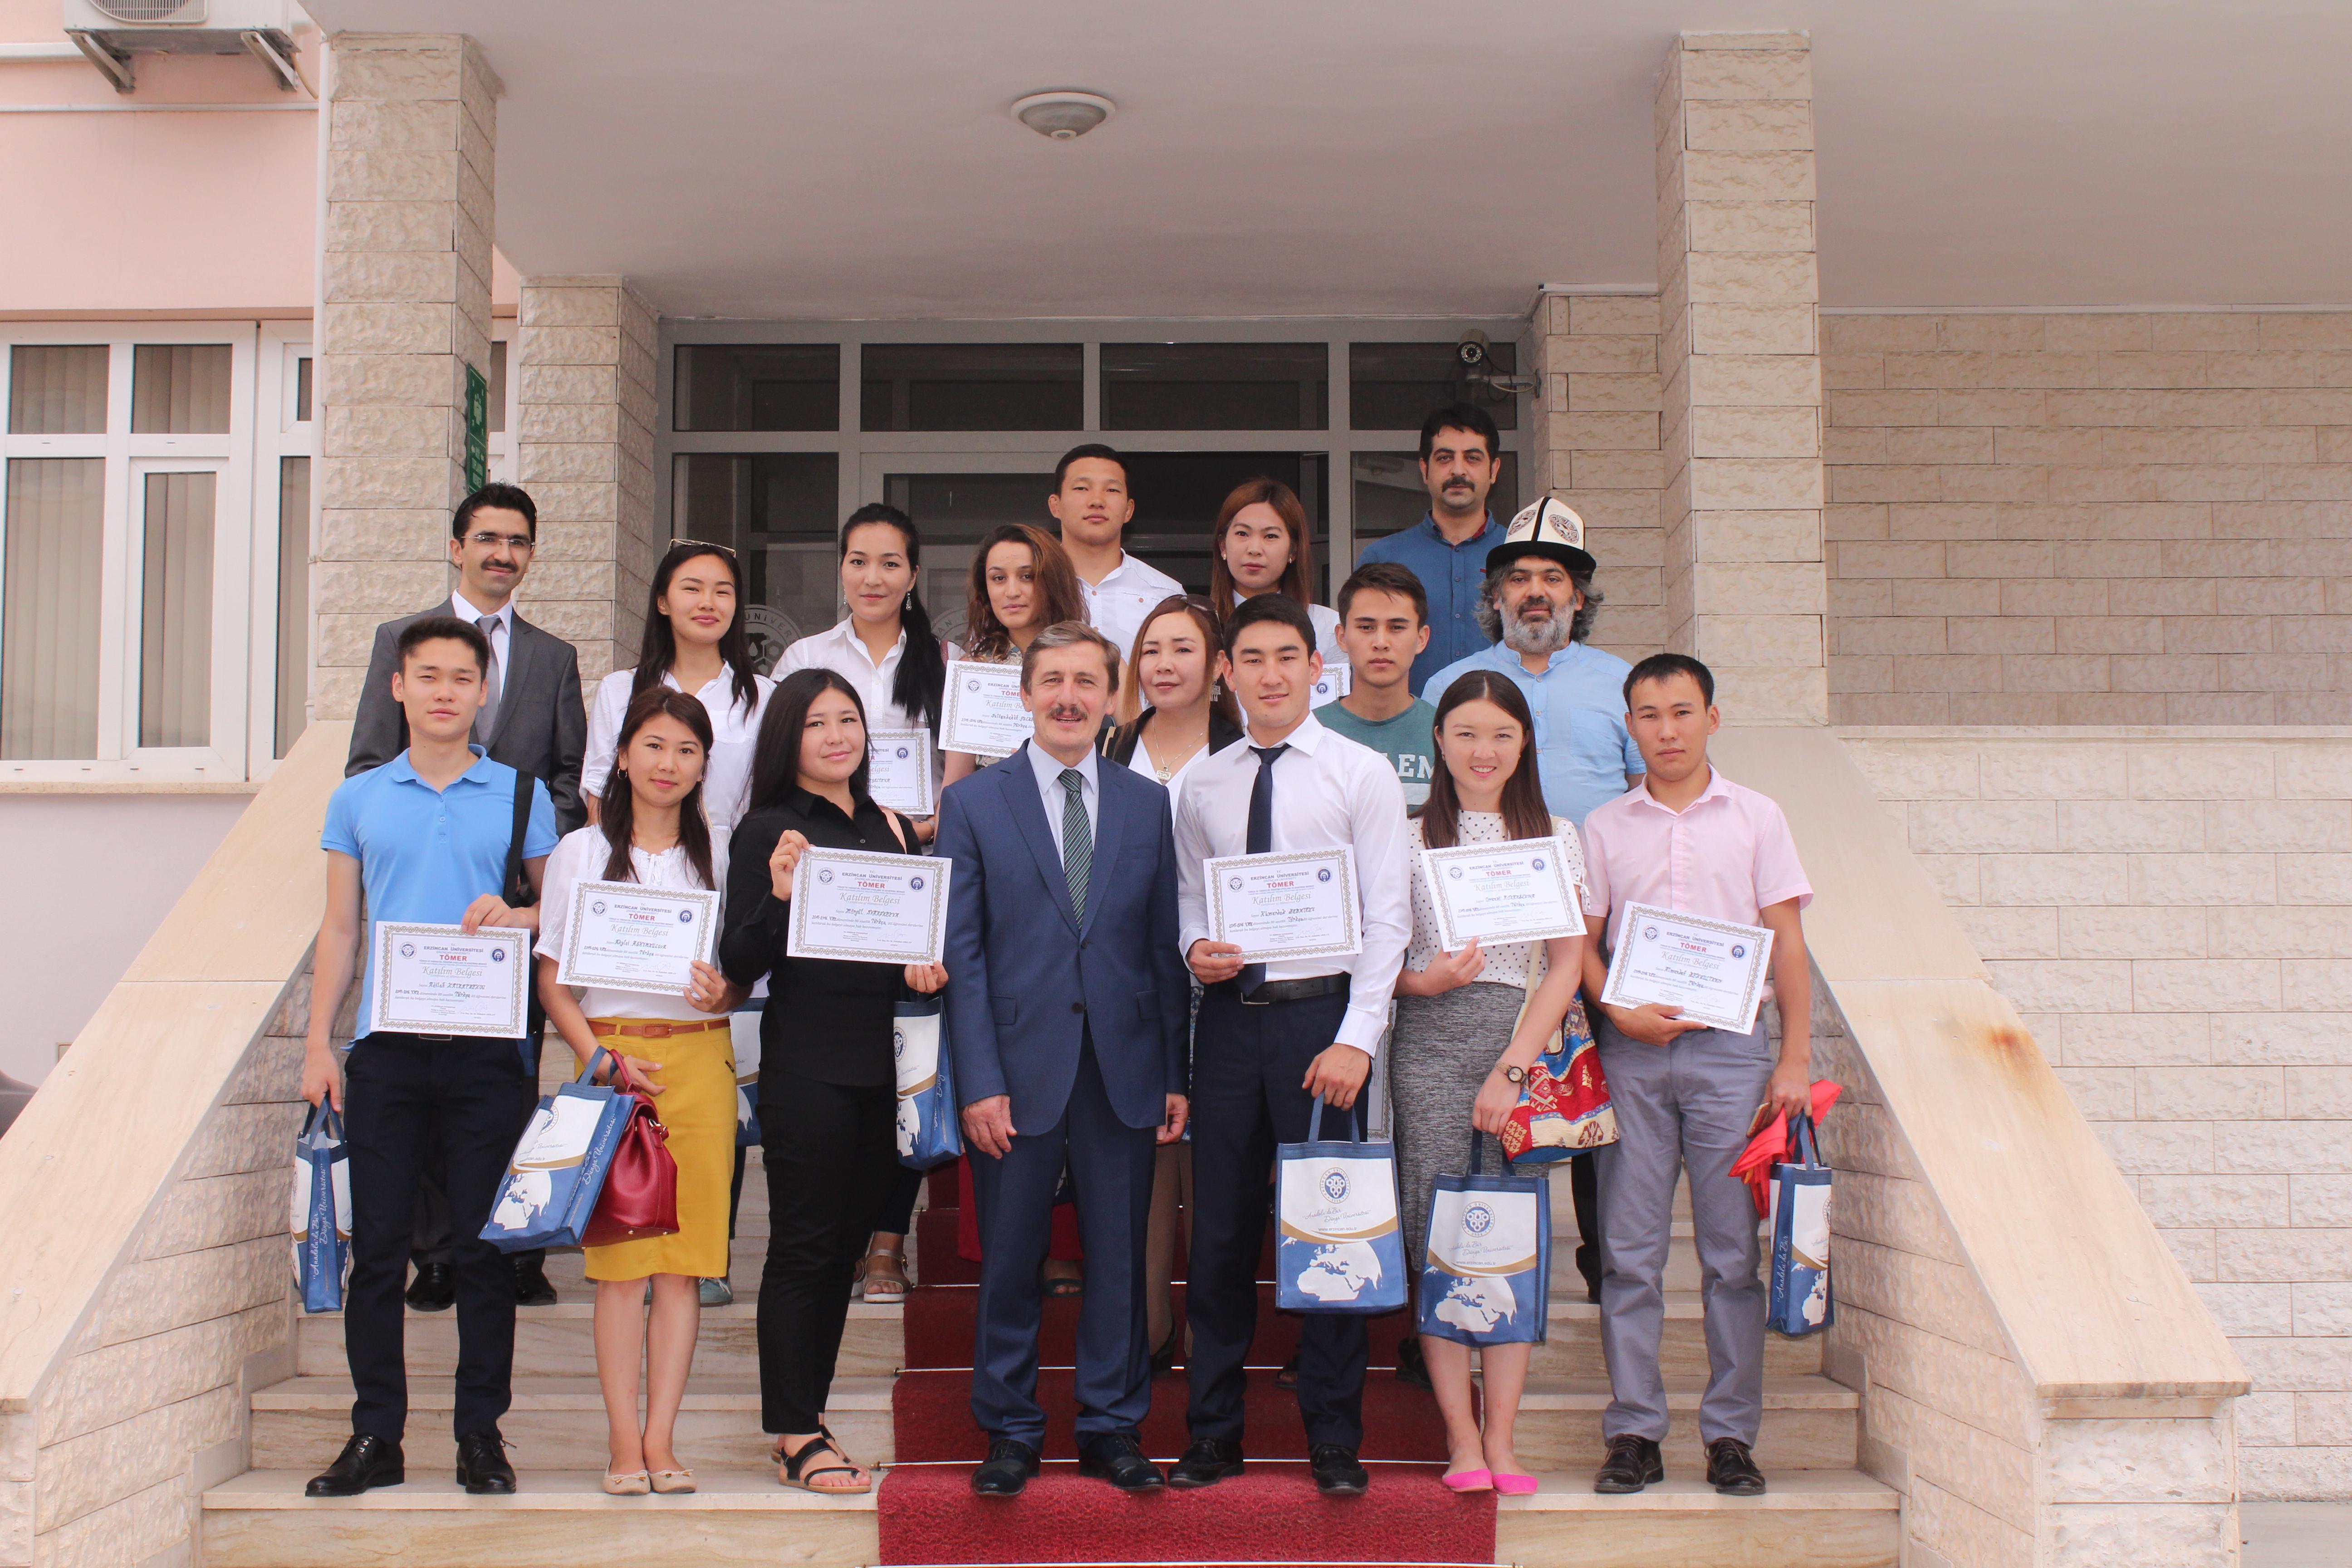 Kırgız Öğrenciler Türkçe Eğitimlerini Tamamladı